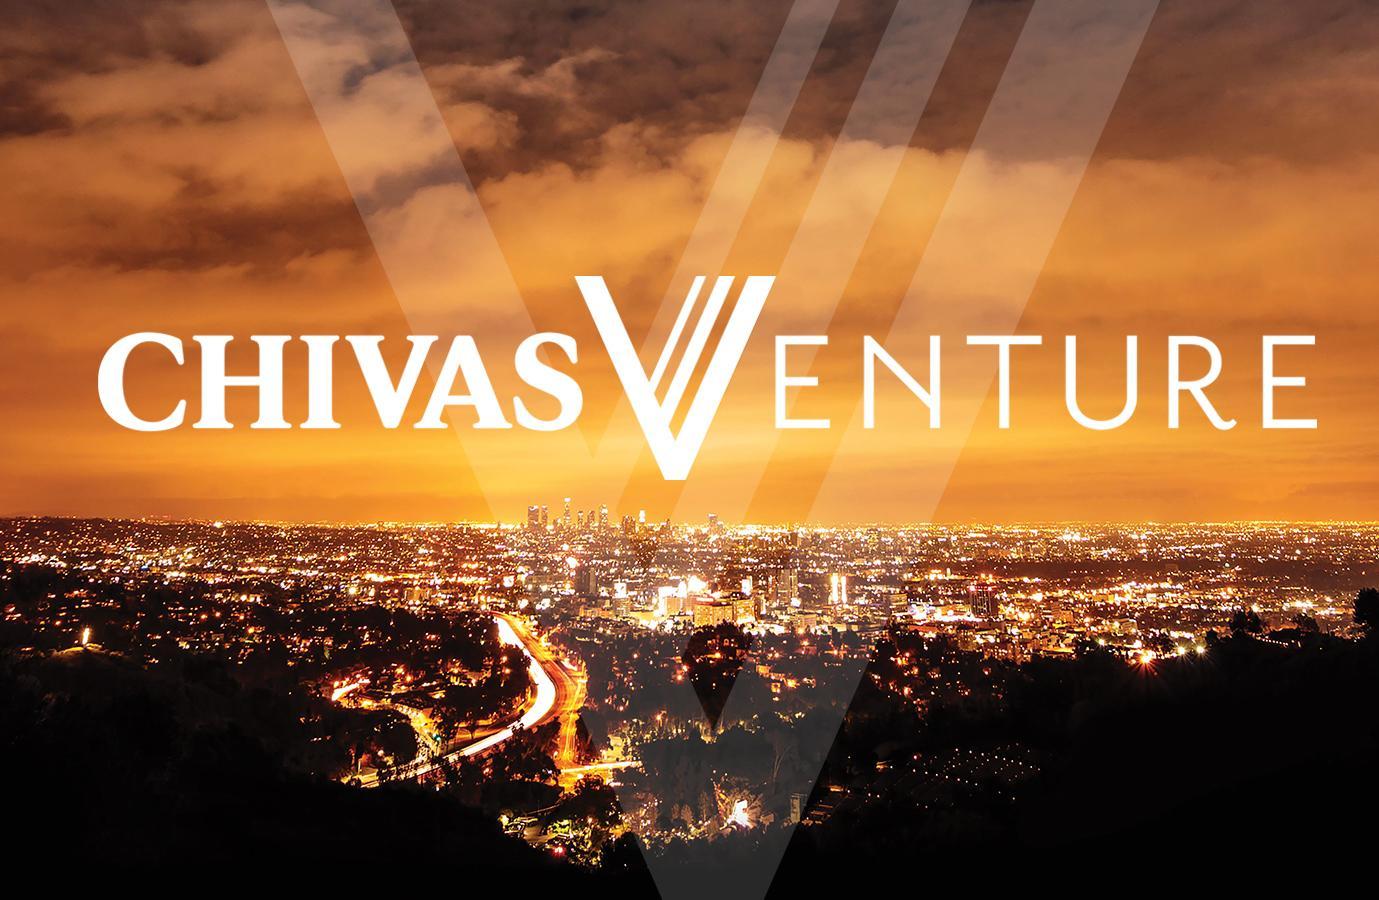 chivas new image.jpg